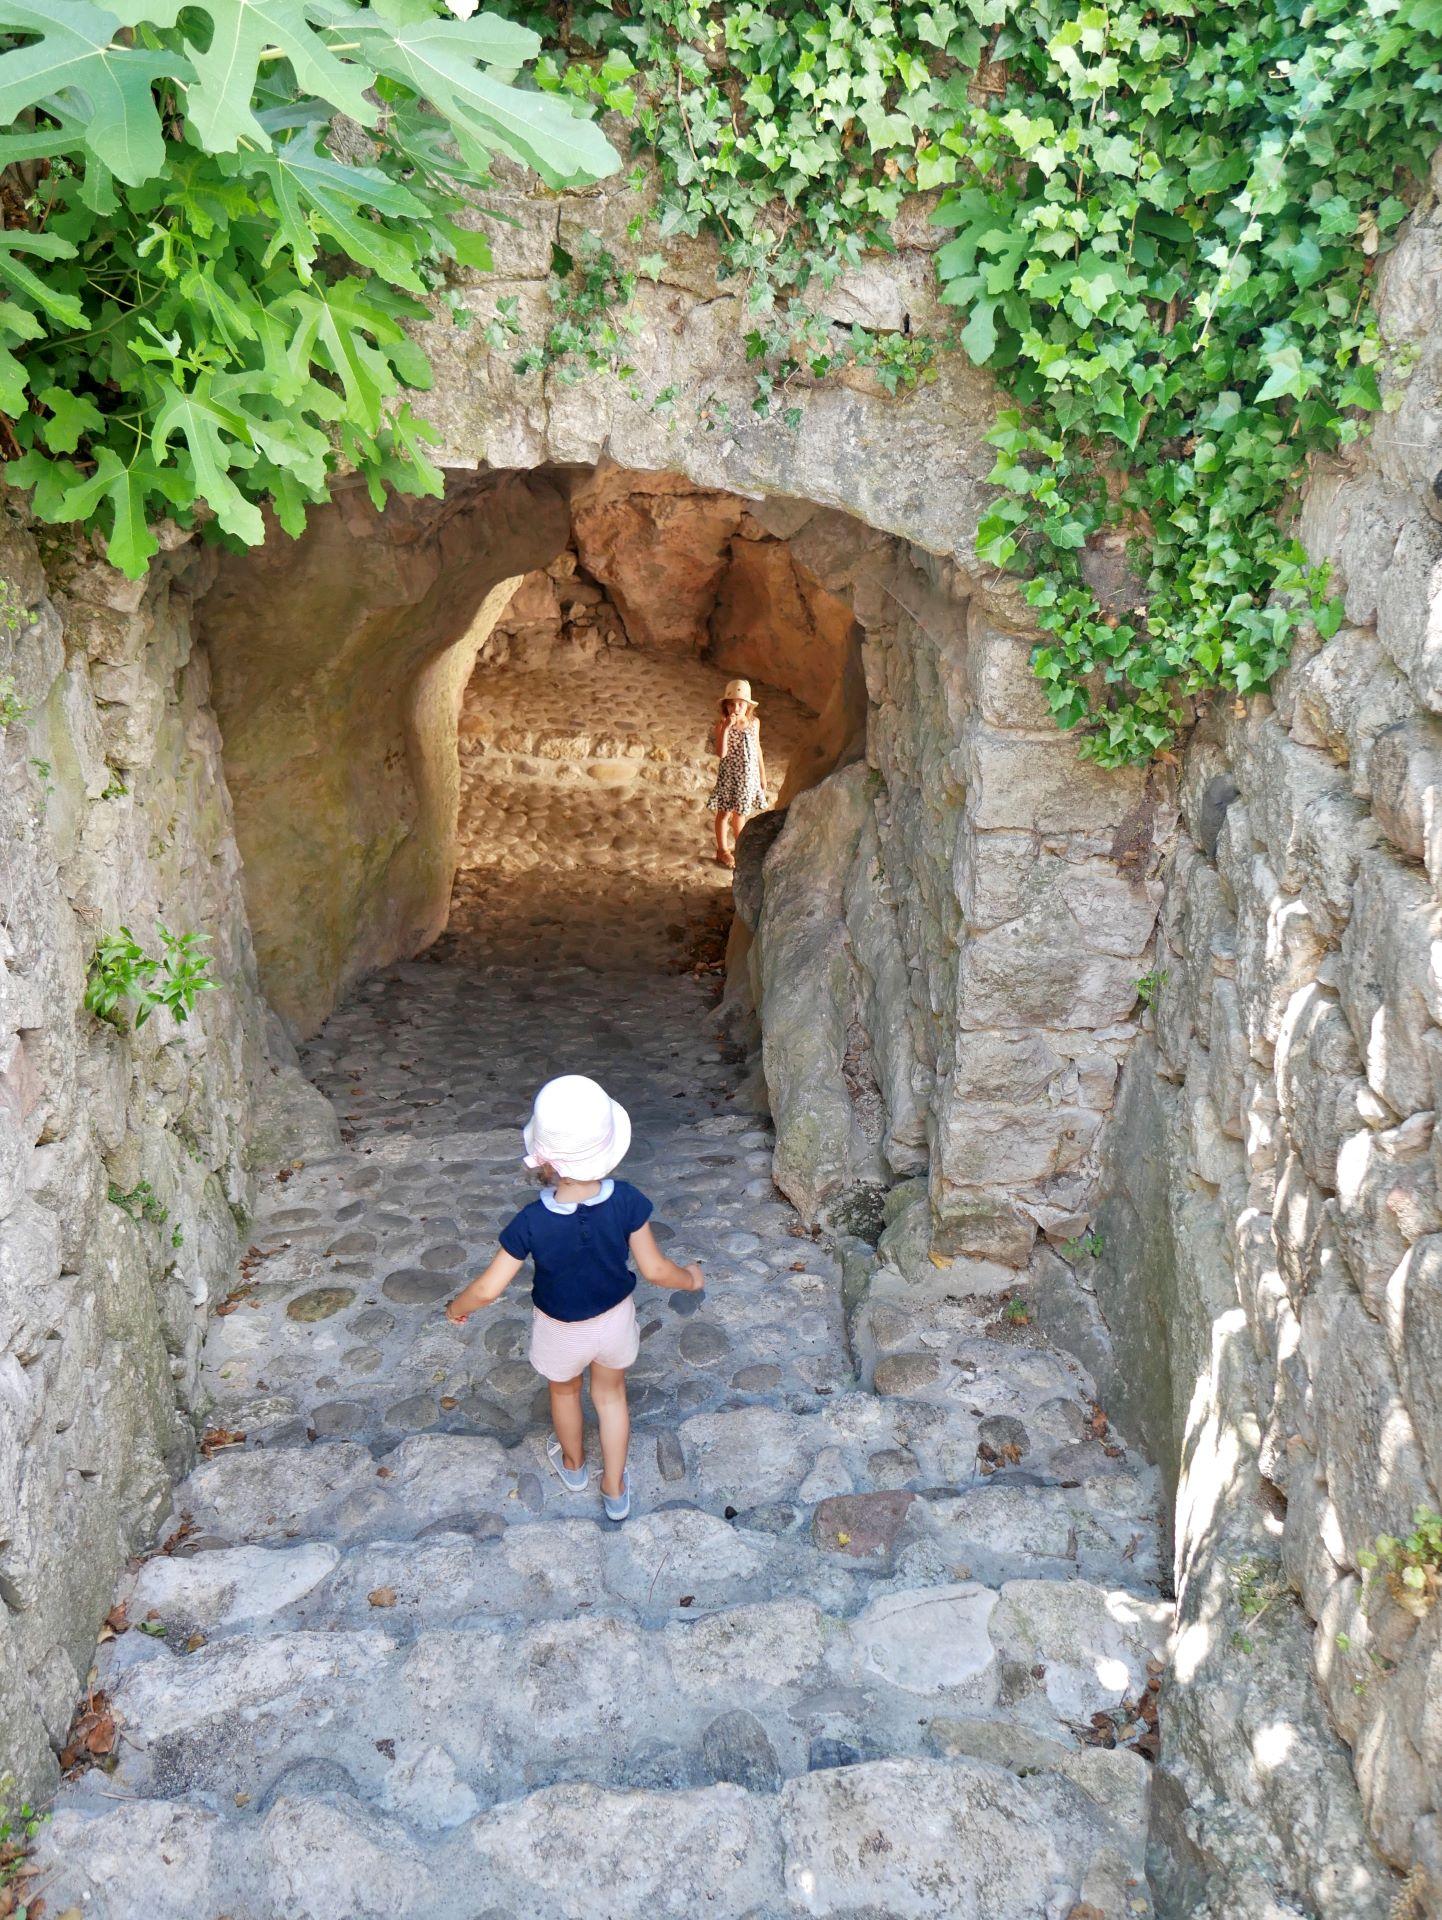 balade en Ardèche : Balazuc, passage voûté